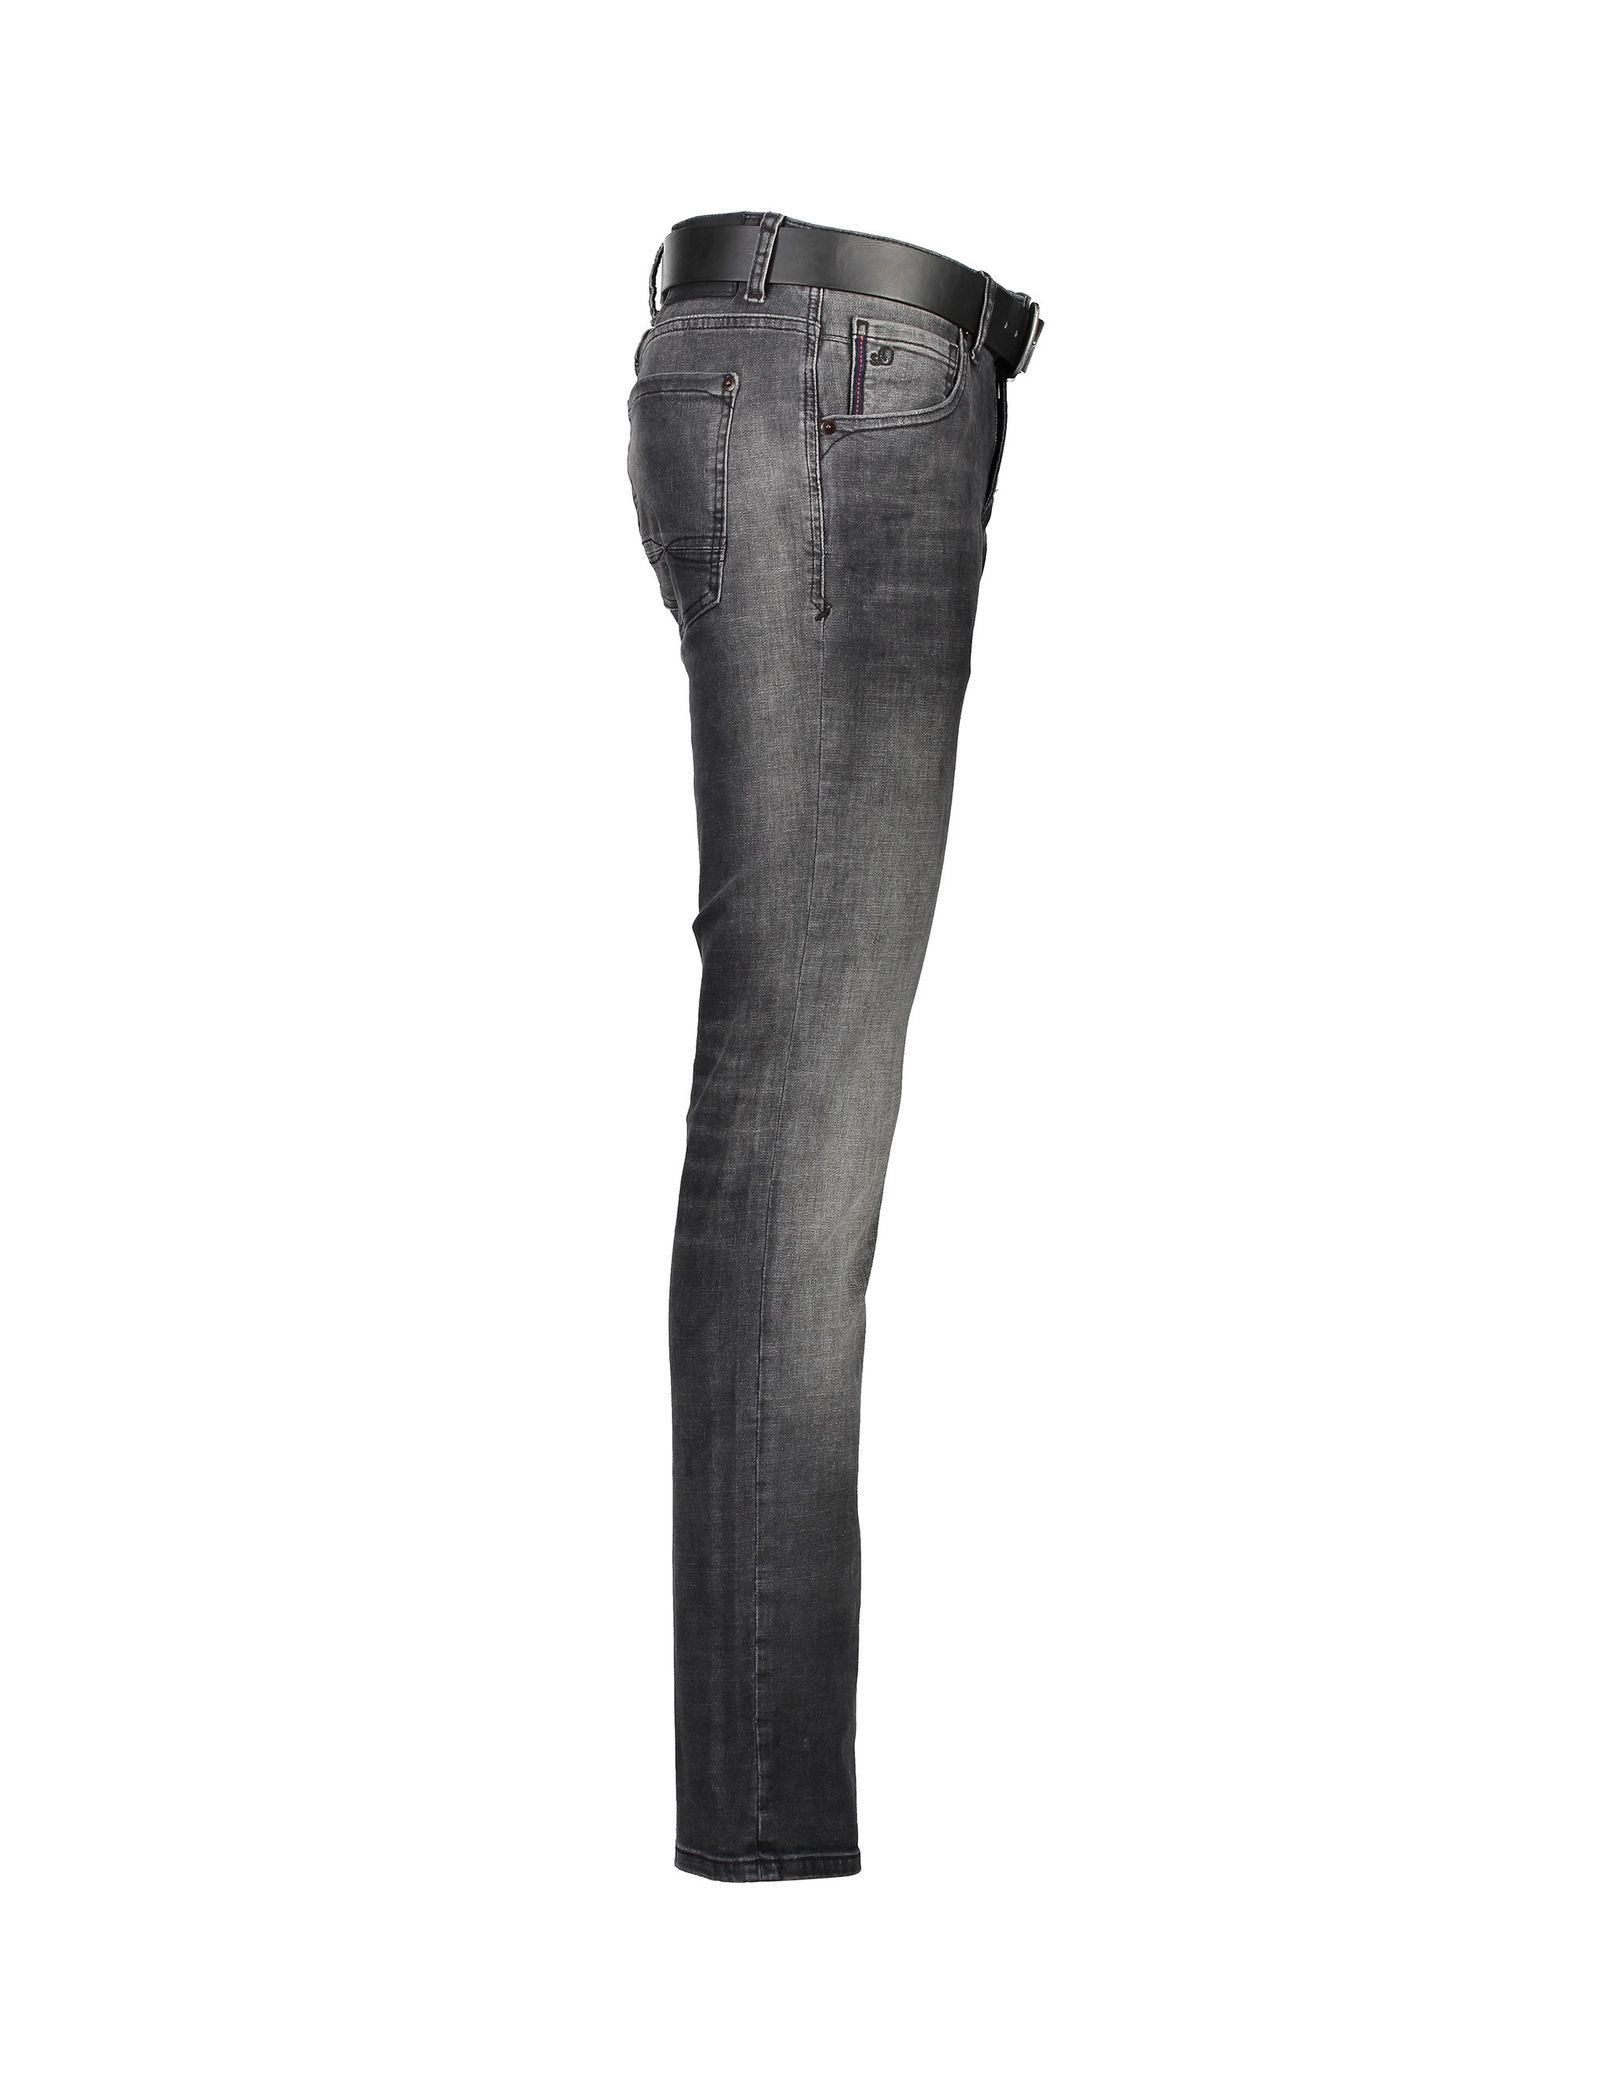 شلوار جین راسته مردانه - اس.اولیور - طوسي تيره - 3